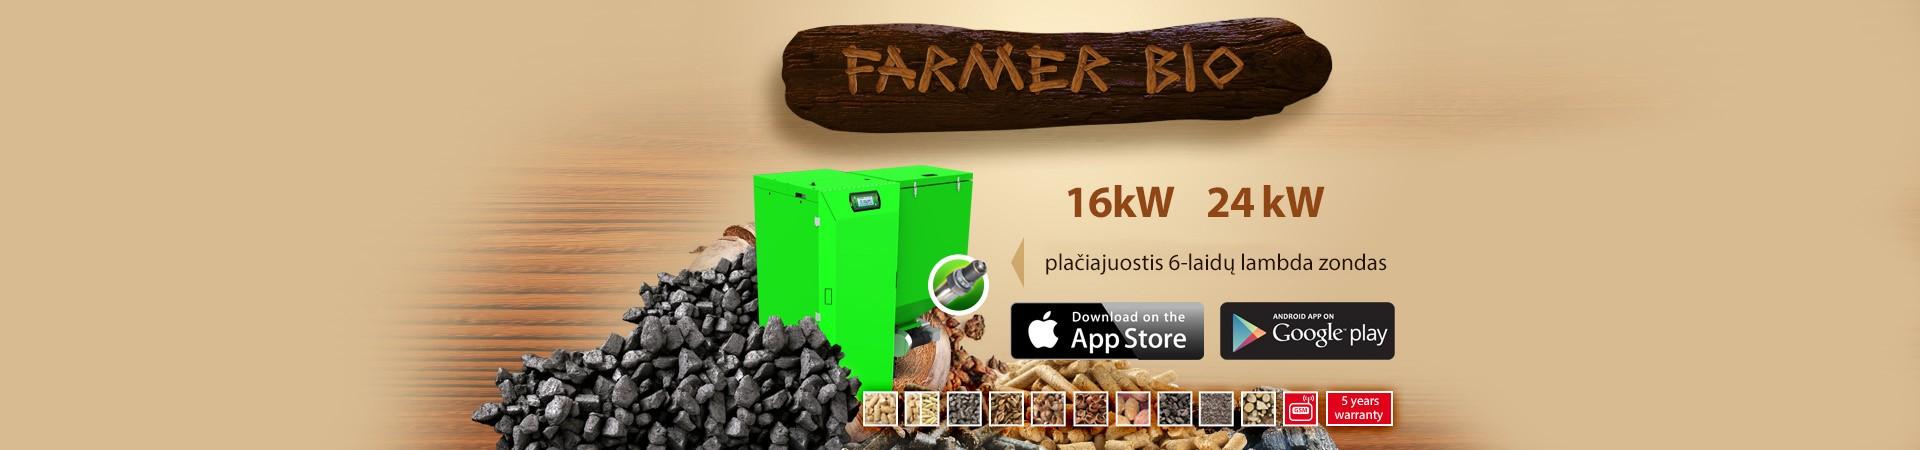 granuliniai katilai farmer bio